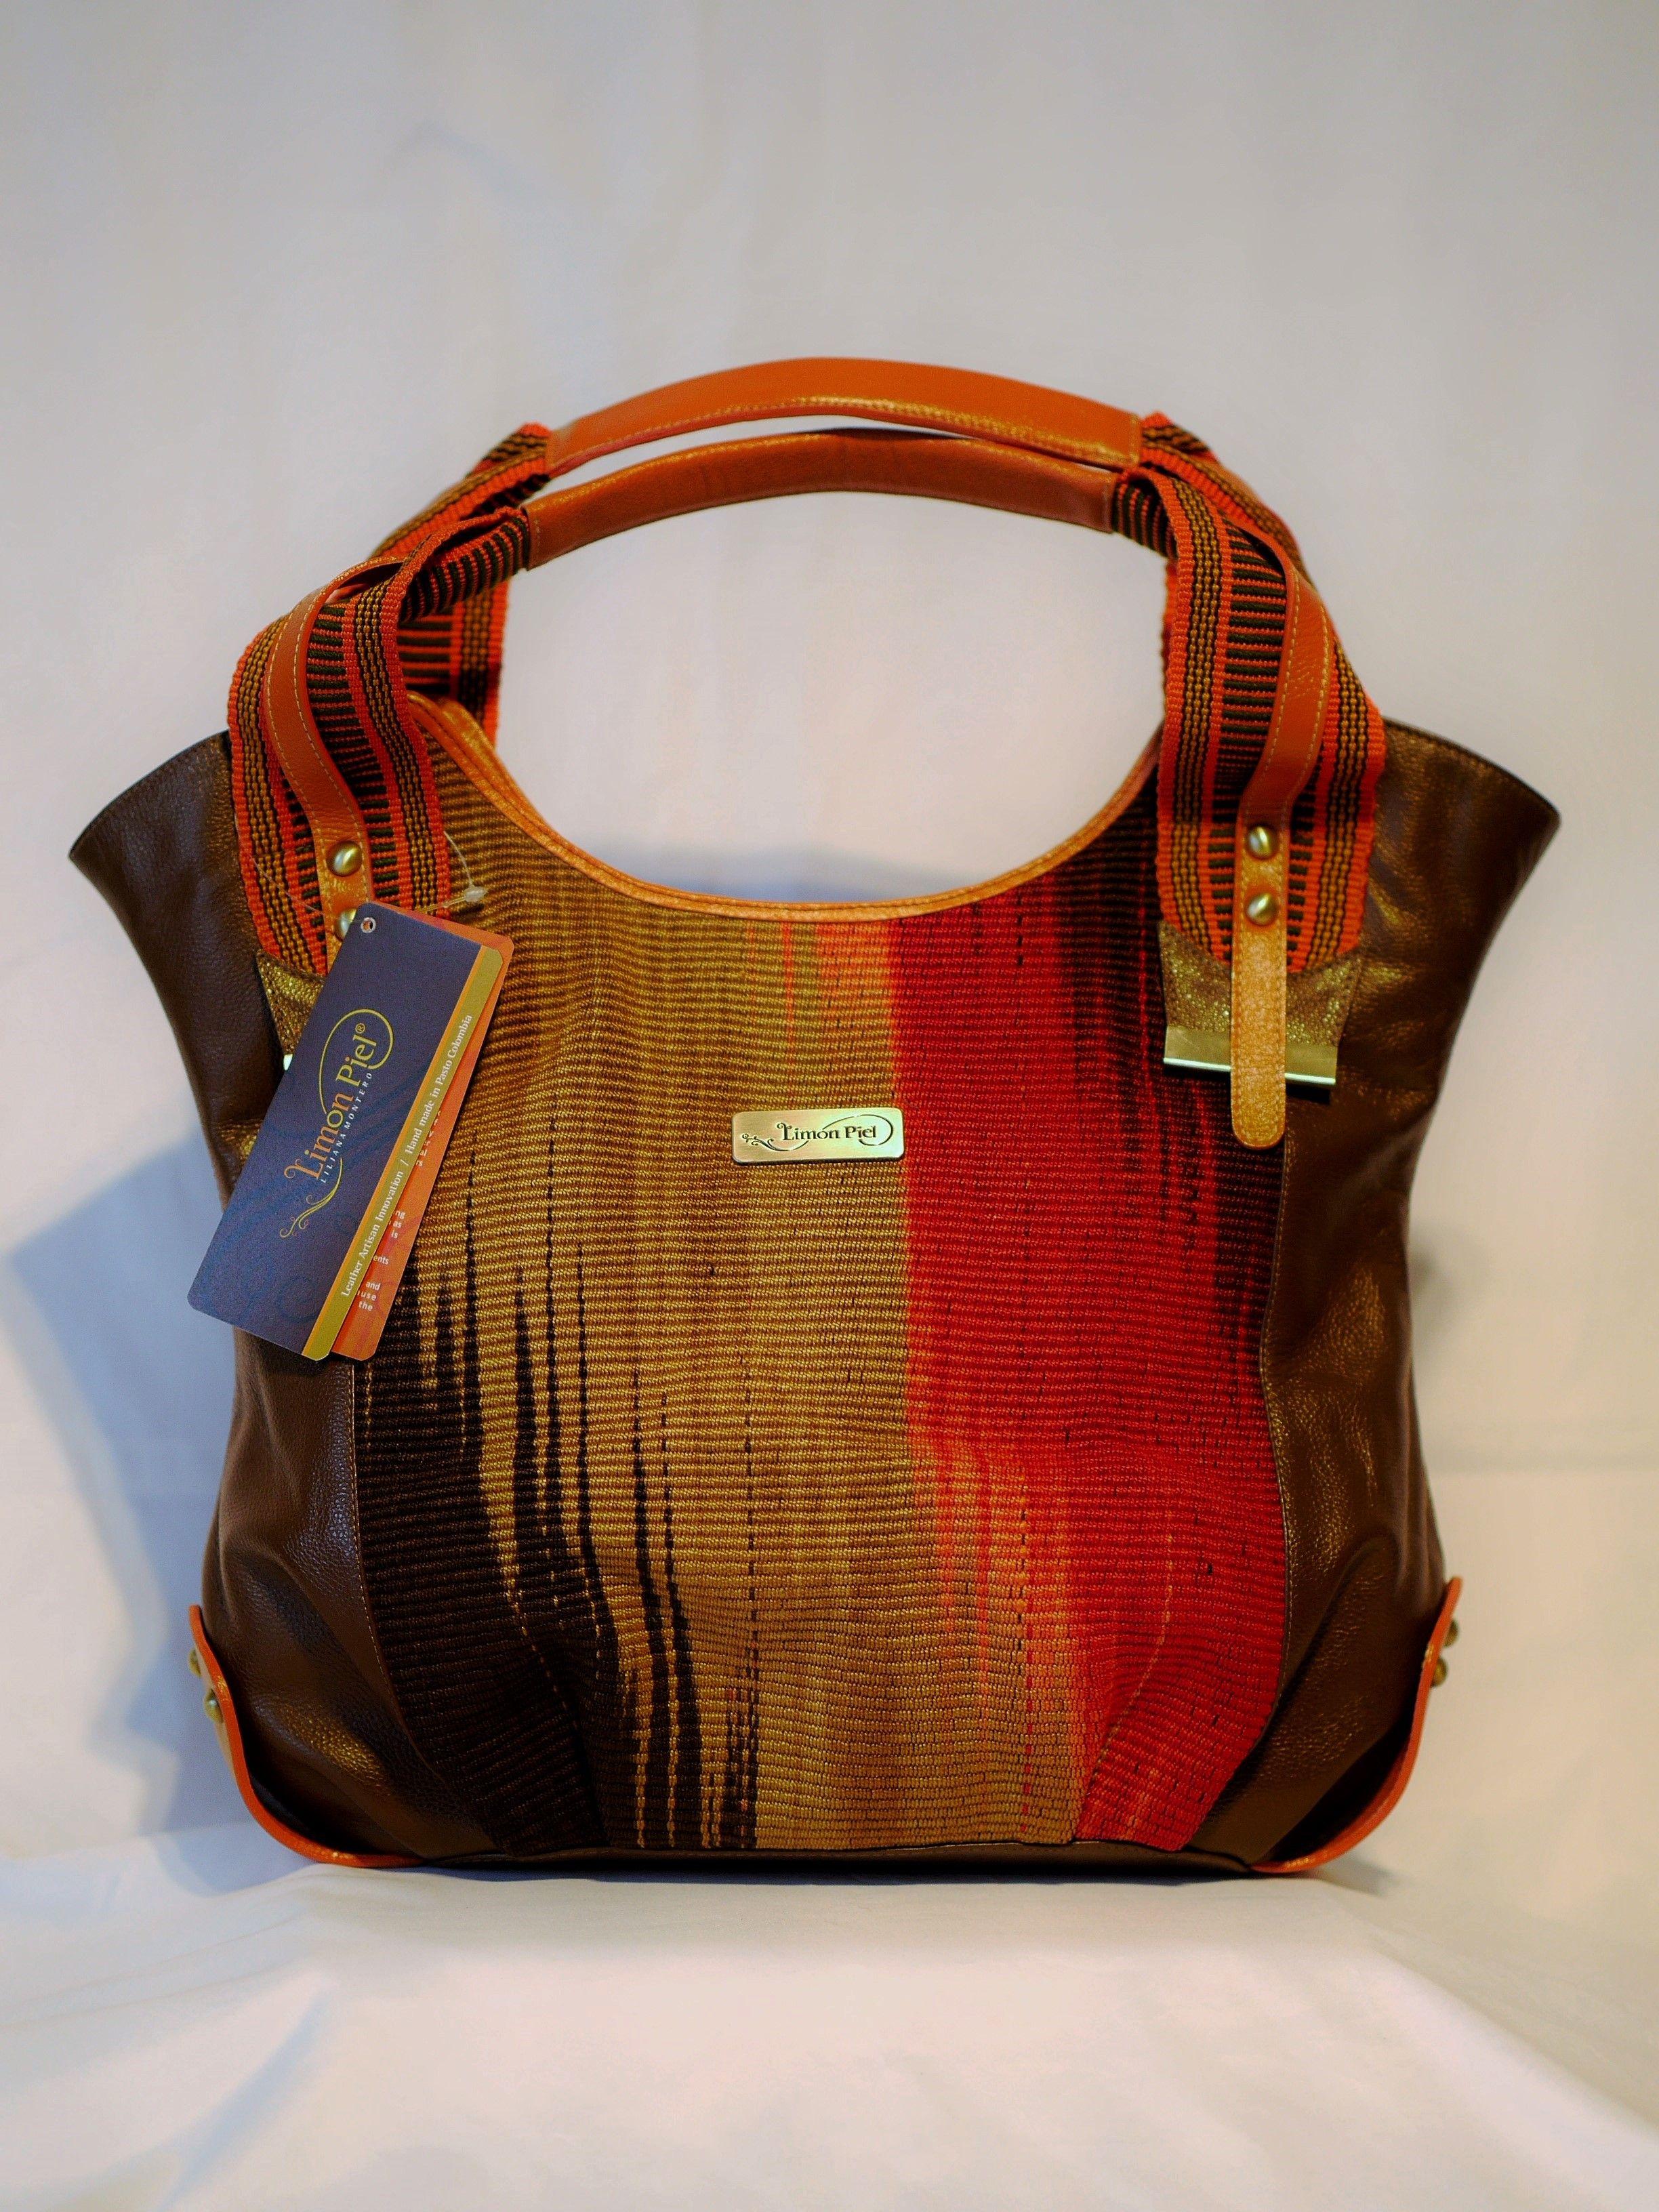 Meridiano Products Importiert Und Vertreibt Handgemachte Taschen Lederprodukte Aus Lateinamerika Aktuell Bieten Wir Eine